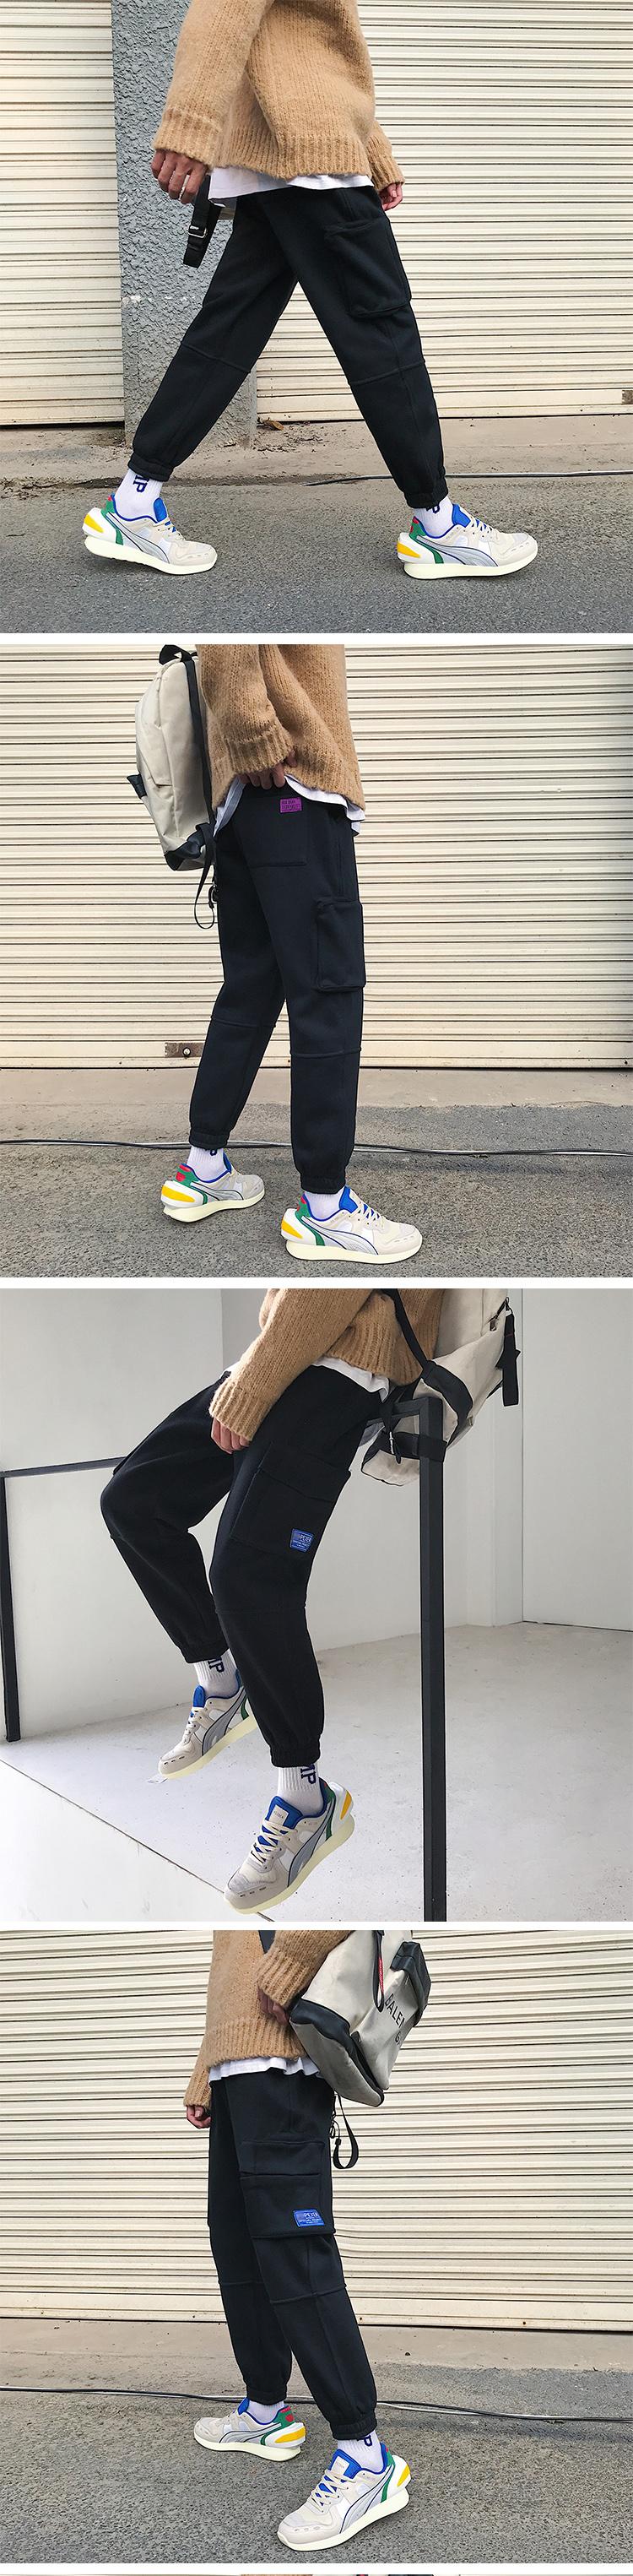 19冬季新款港风大码加绒运动工装休闲裤 A038-K1856-p65